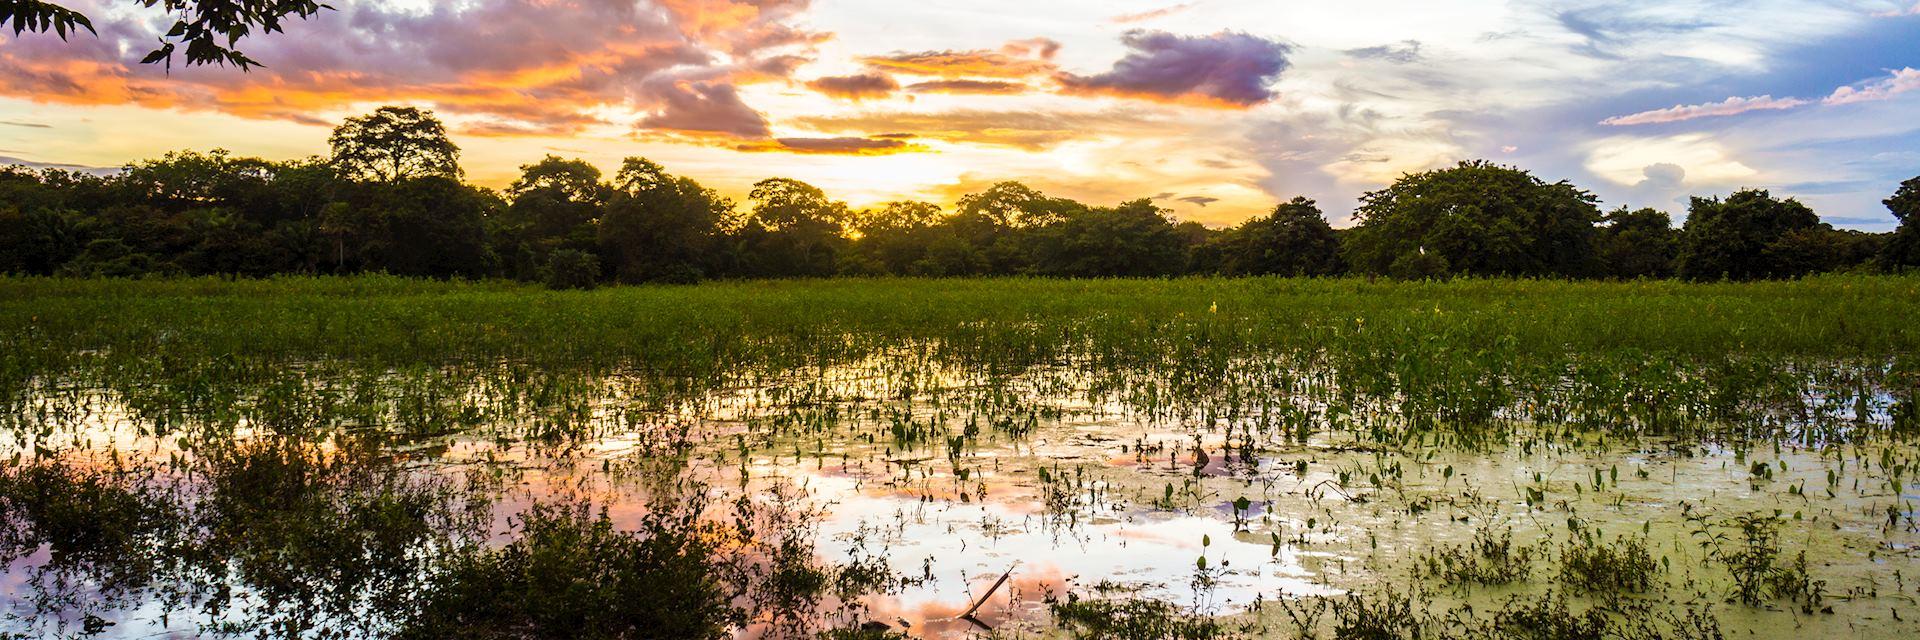 The Pantanal at sunset